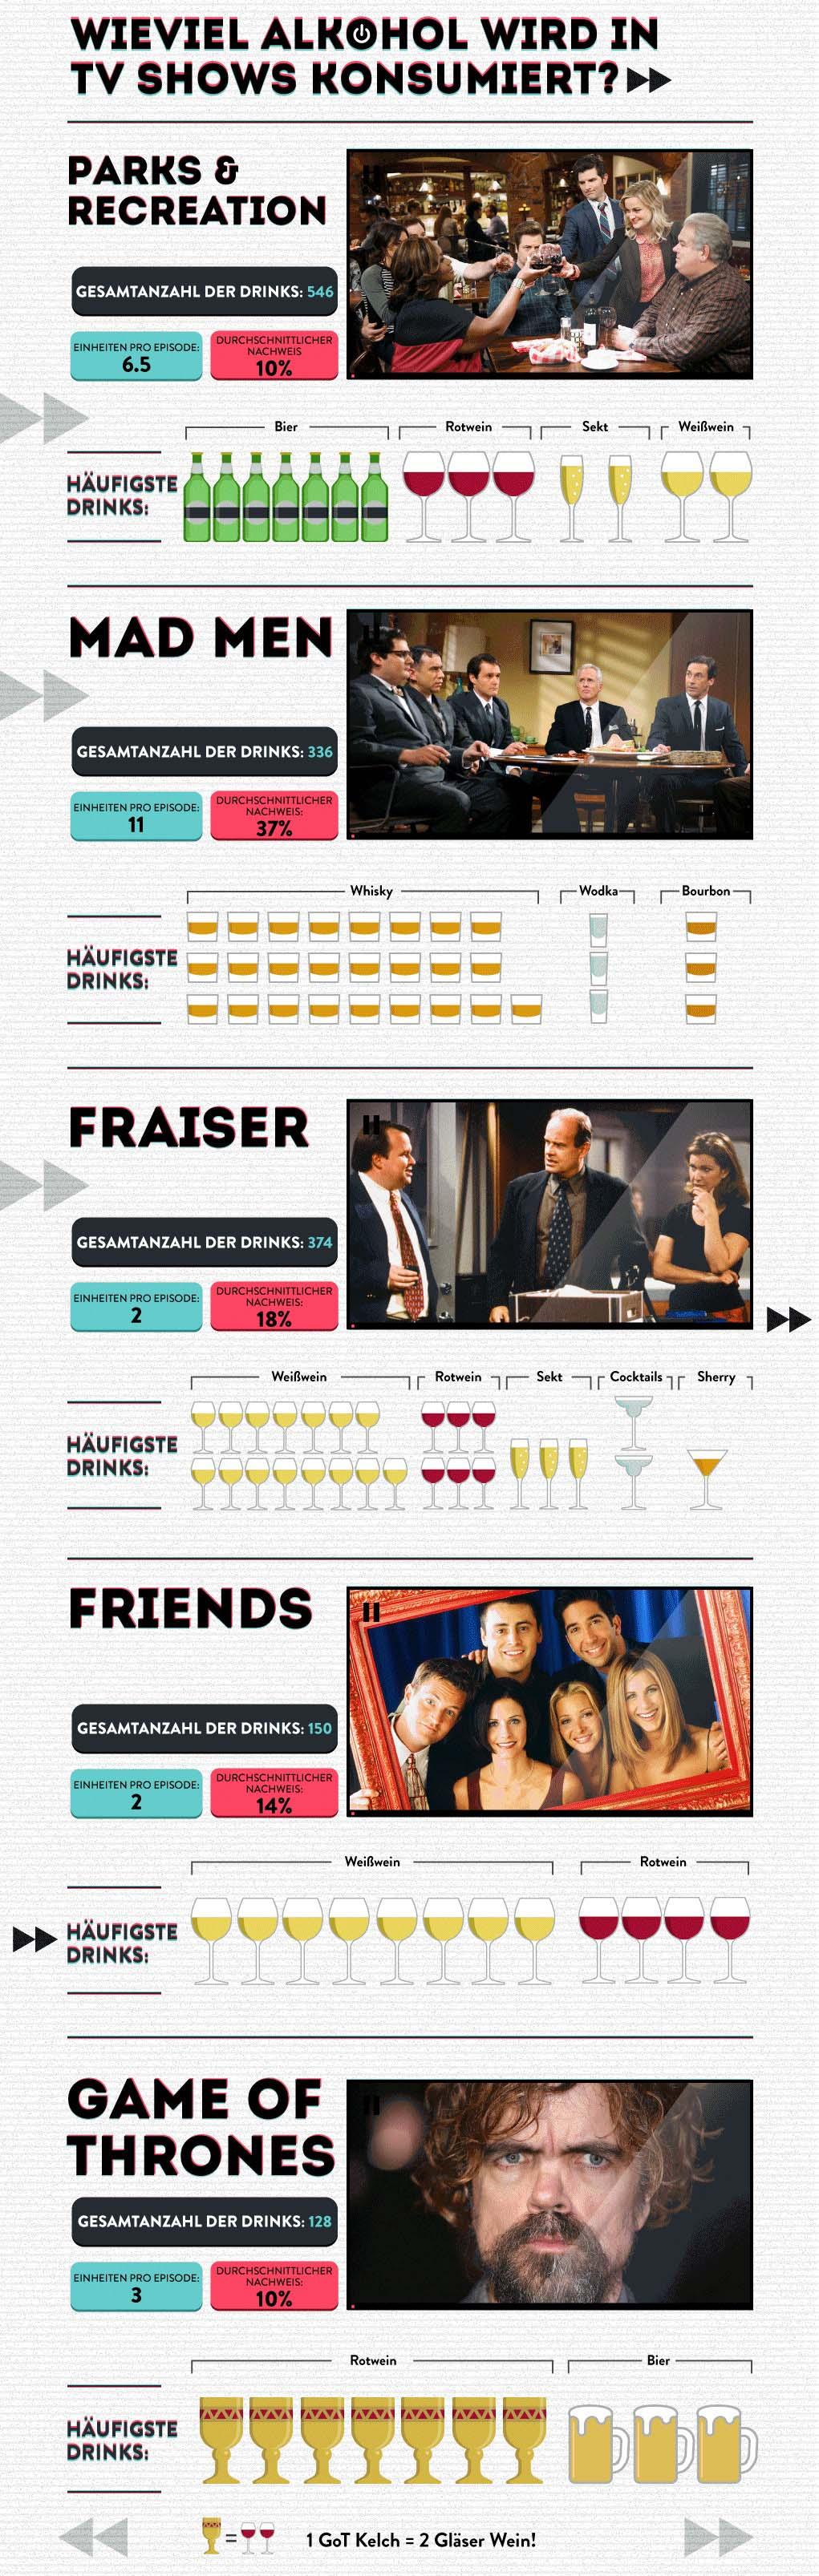 Wie-viel-Alkohol-wird-in-TV-Shows-konsumiert